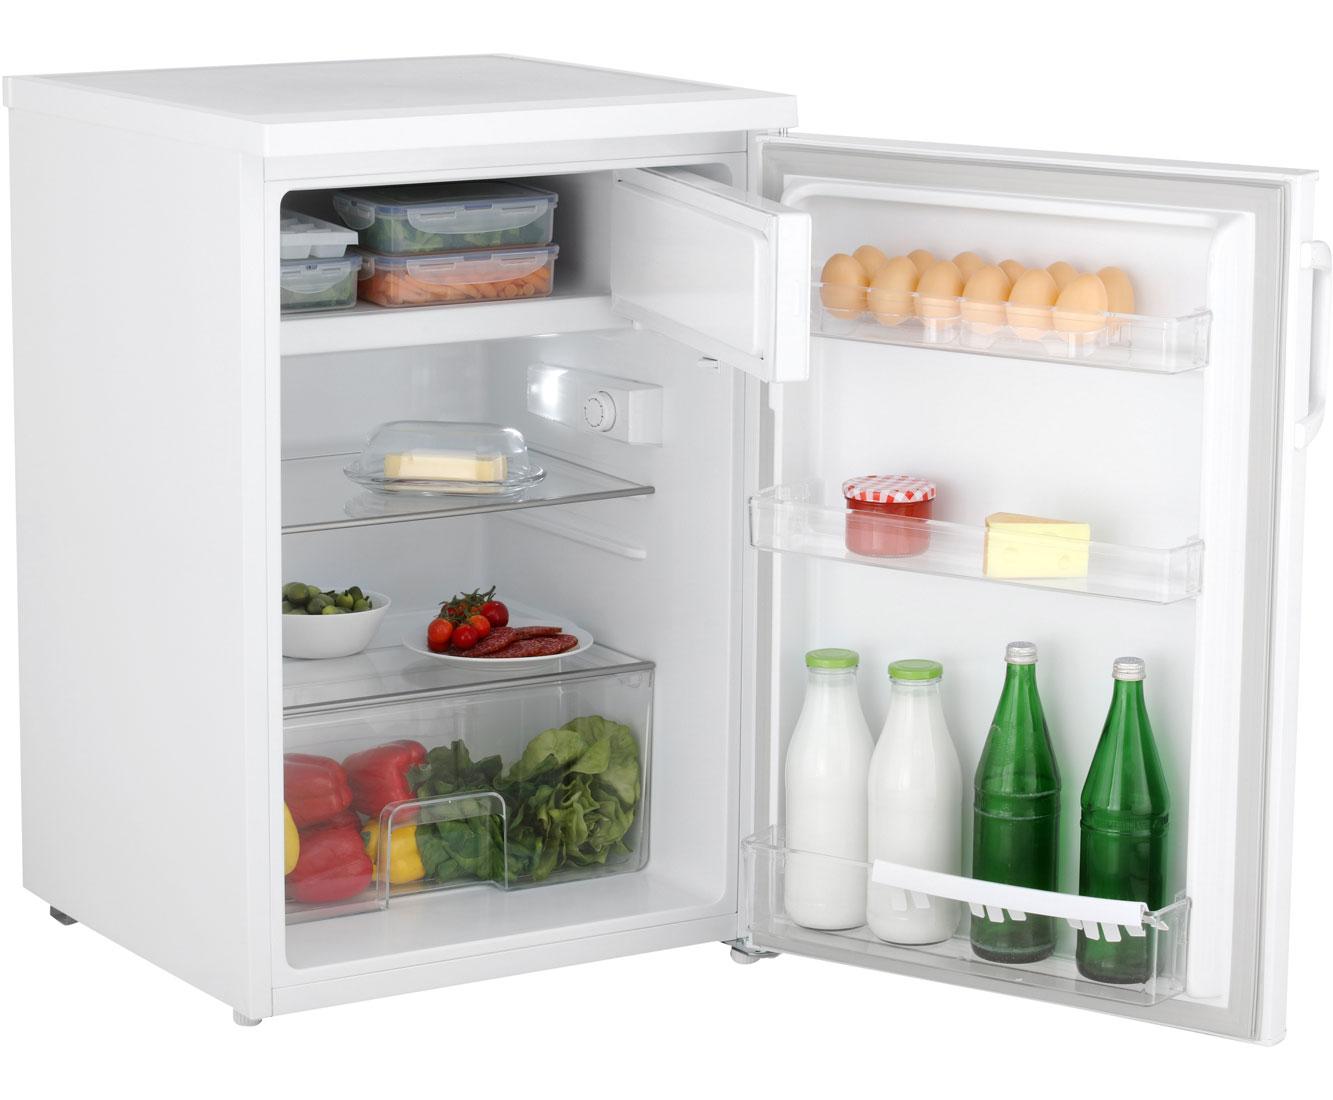 Bomann Kühlschrank Mit Gefrierfach Ks 2194 : Bomann ks kühlschrank mit gefrierfach weiß a